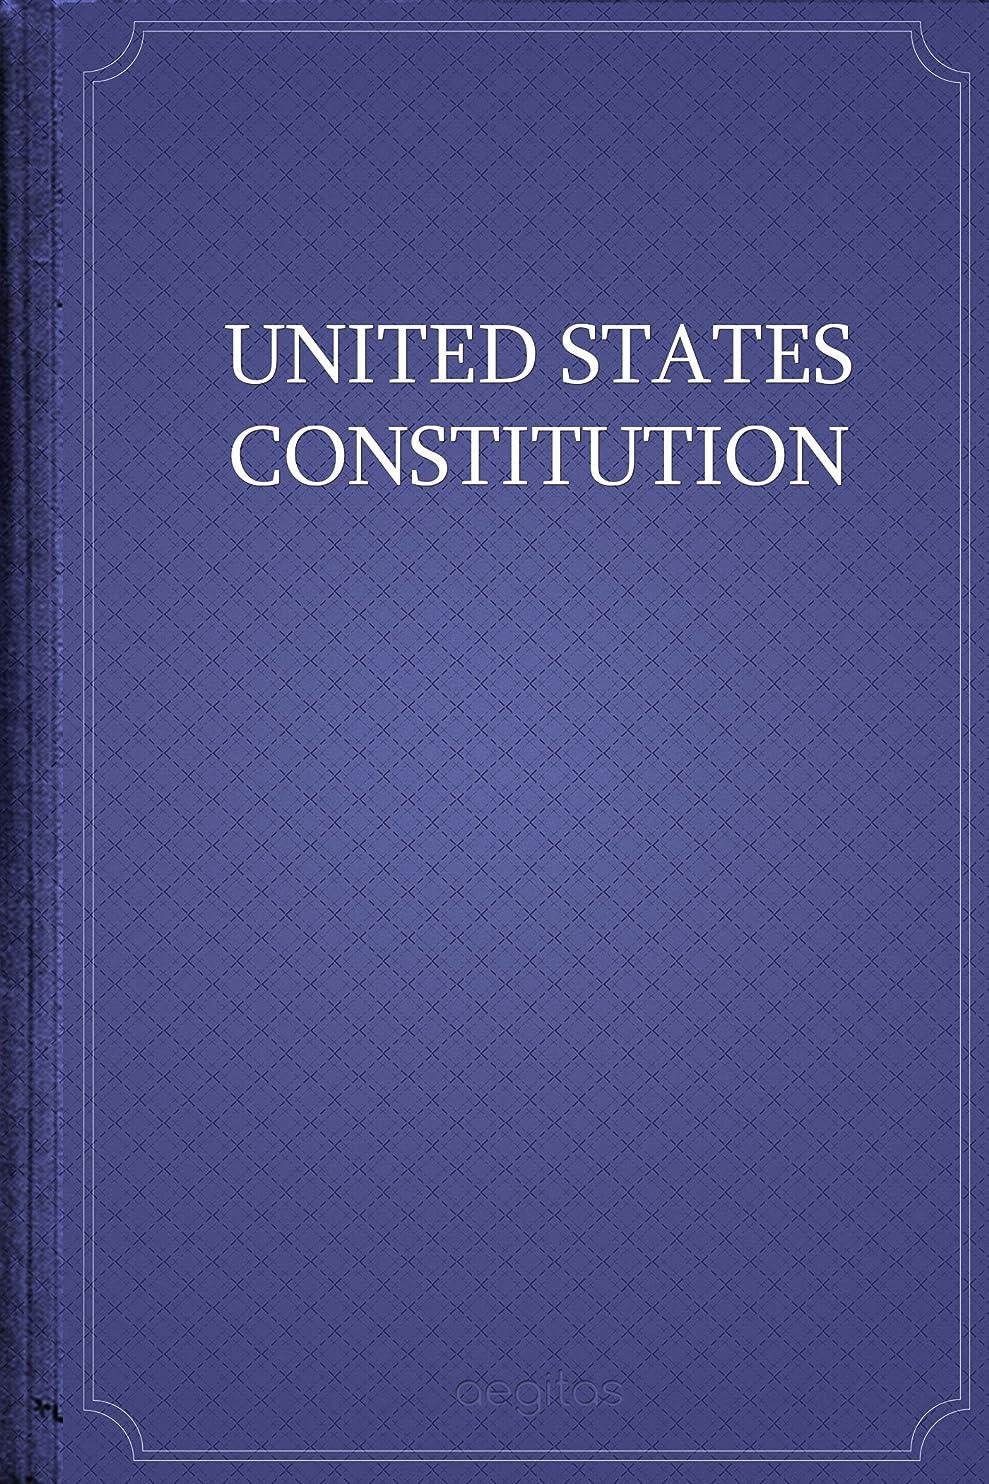 厄介な詩人通りThe United States Constitution (English Edition)